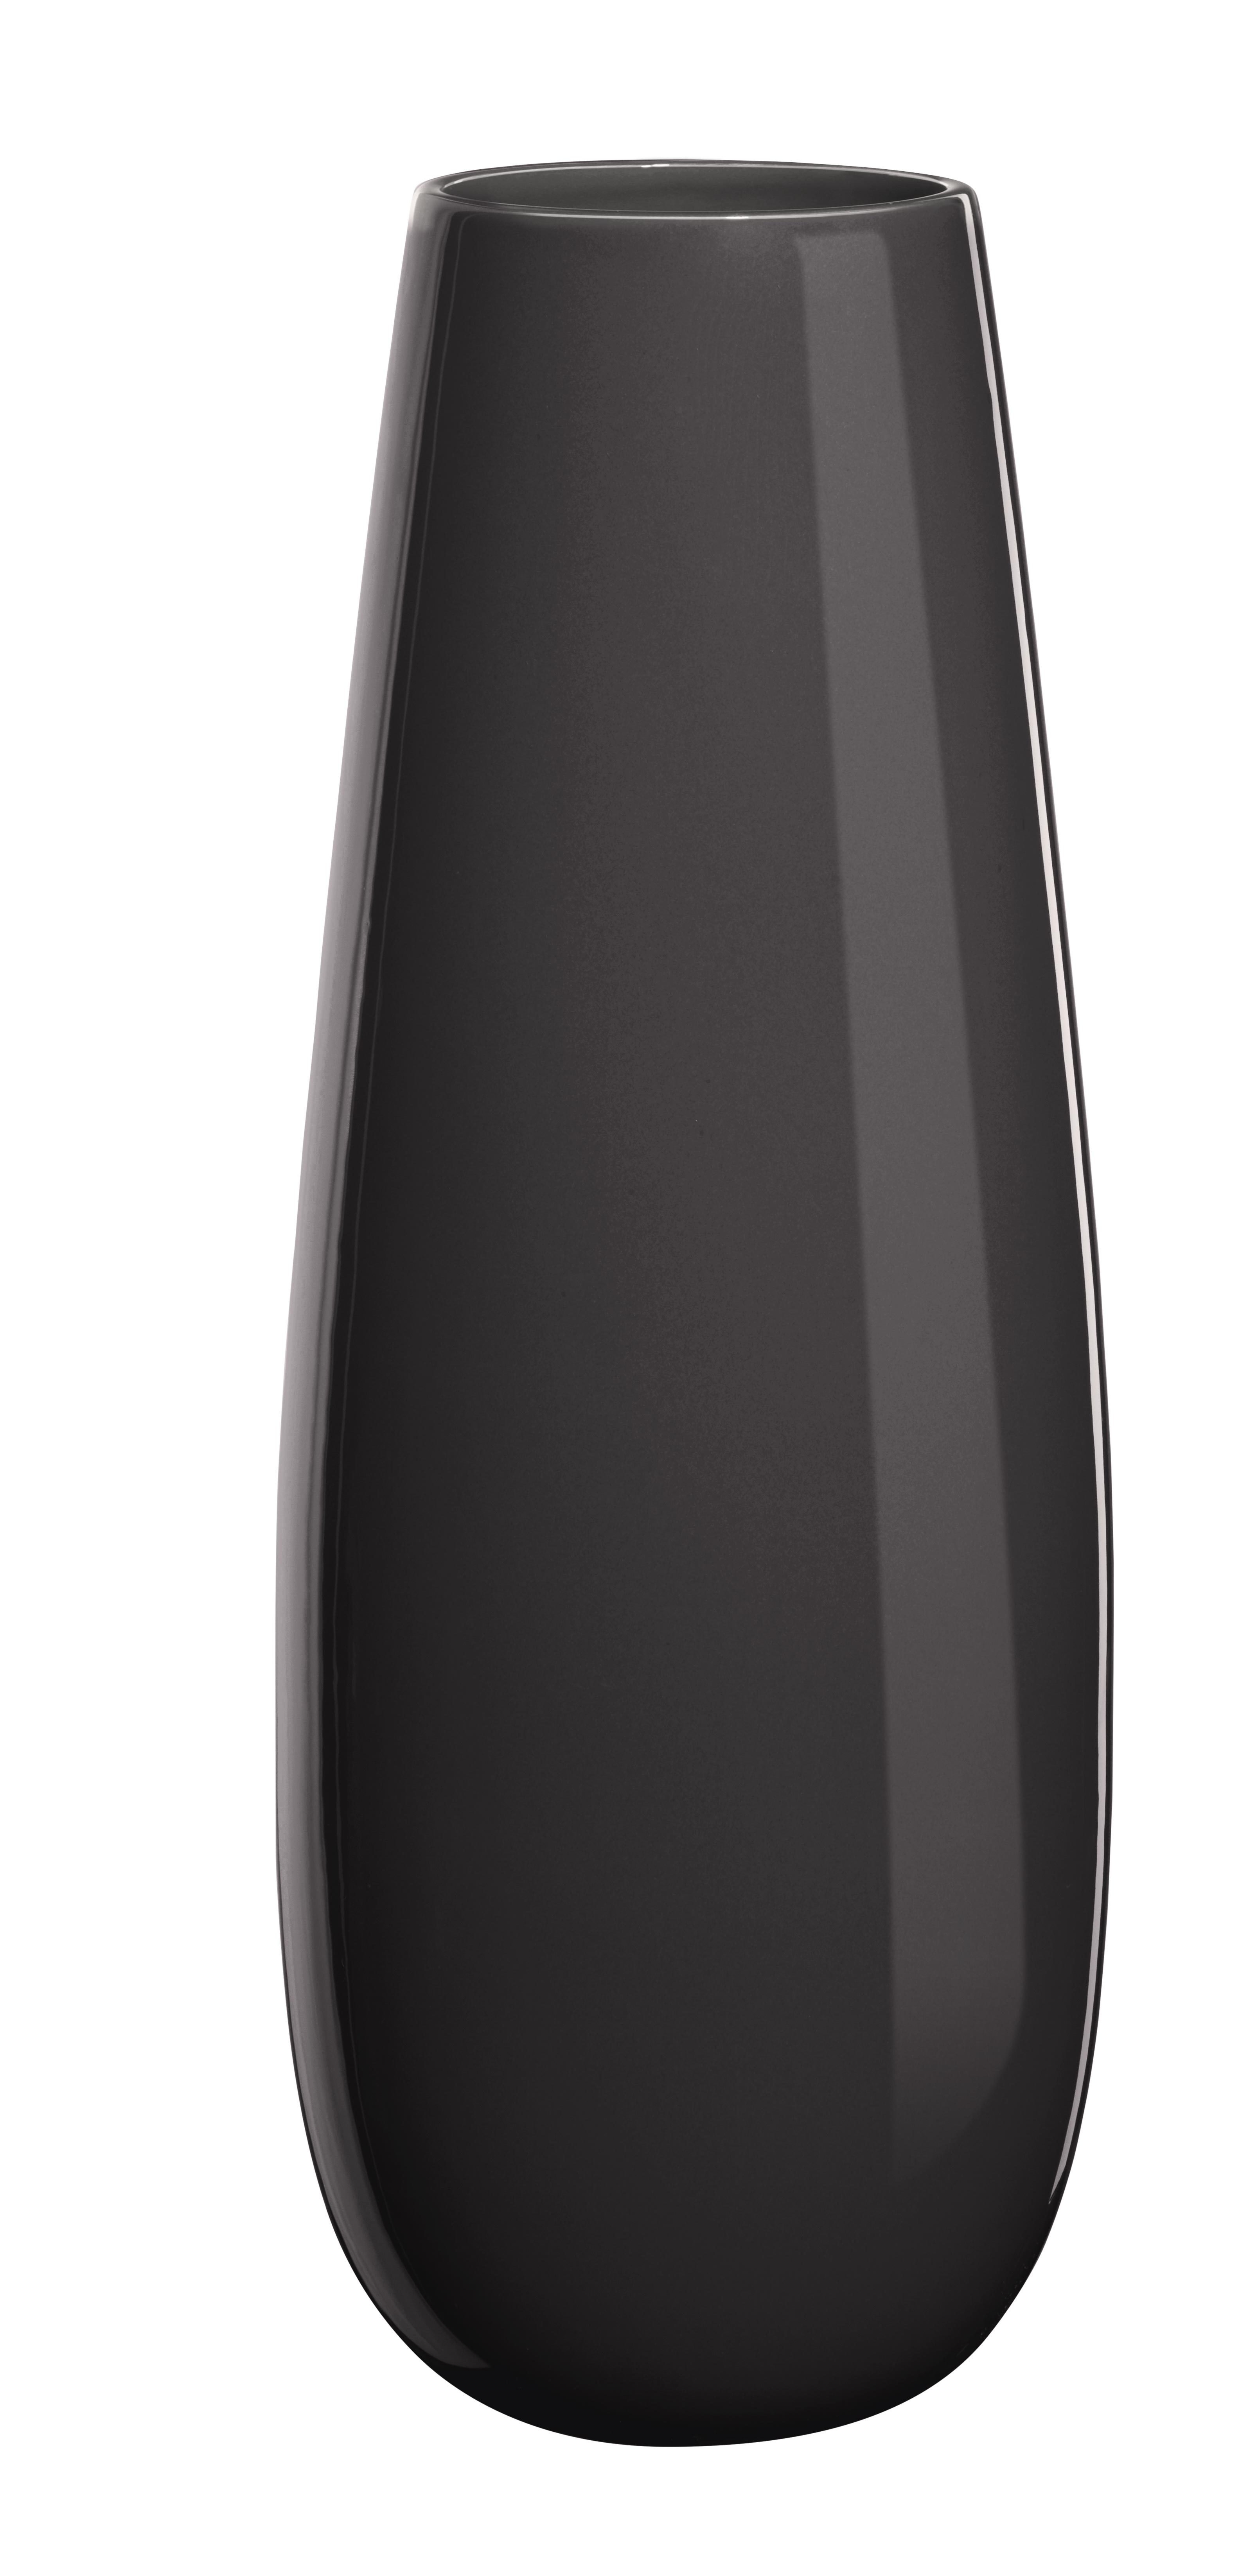 vase anthrazit blumenvasen vasen bert pfe. Black Bedroom Furniture Sets. Home Design Ideas